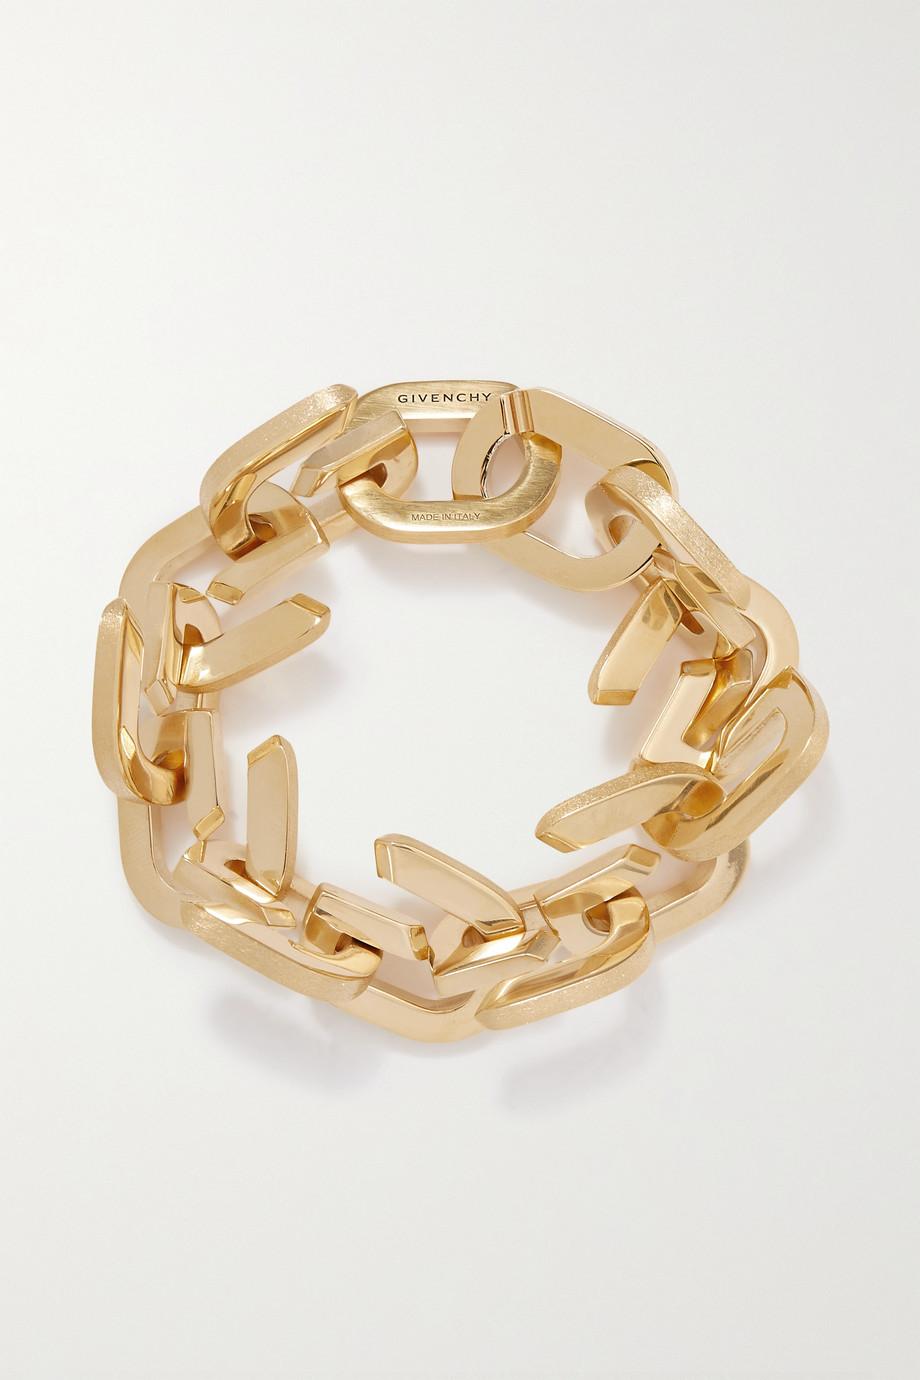 Givenchy Bracelet doré